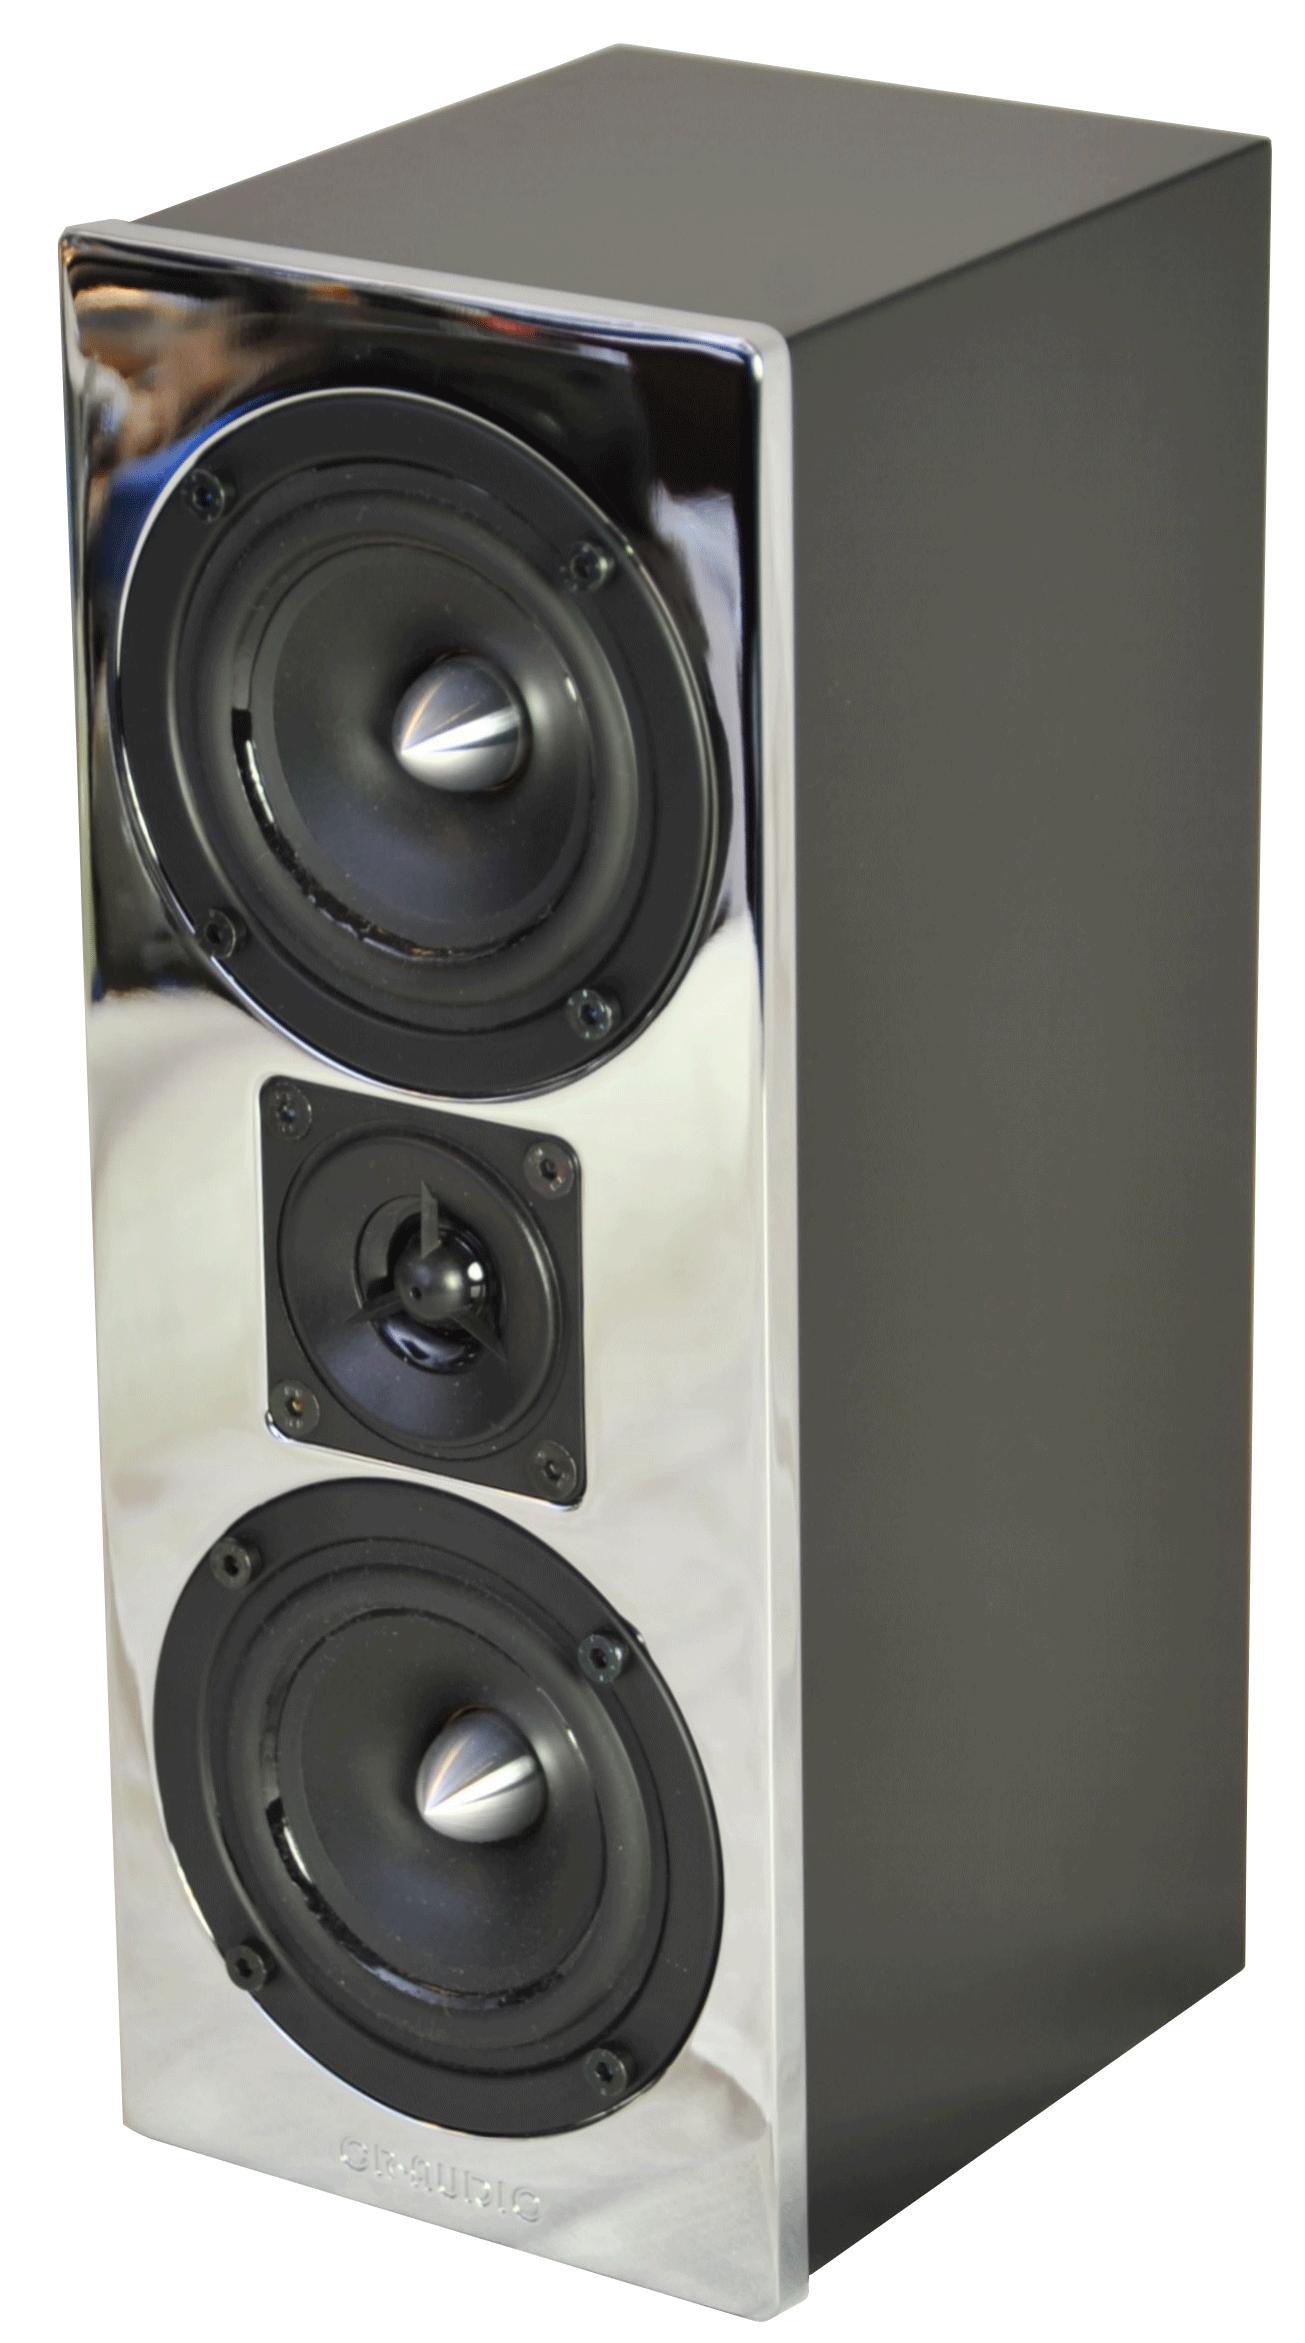 Lautsprecher Nalox T Allround Satelliten Lautsprecher